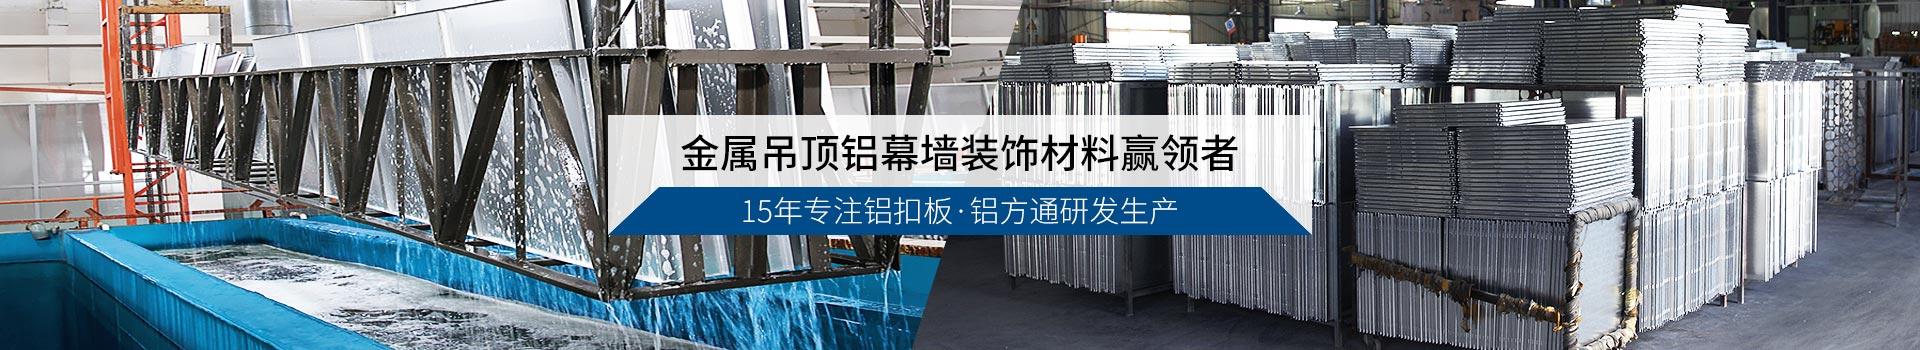 佛山美利龙源艺铝质天花生产设备 - 源艺